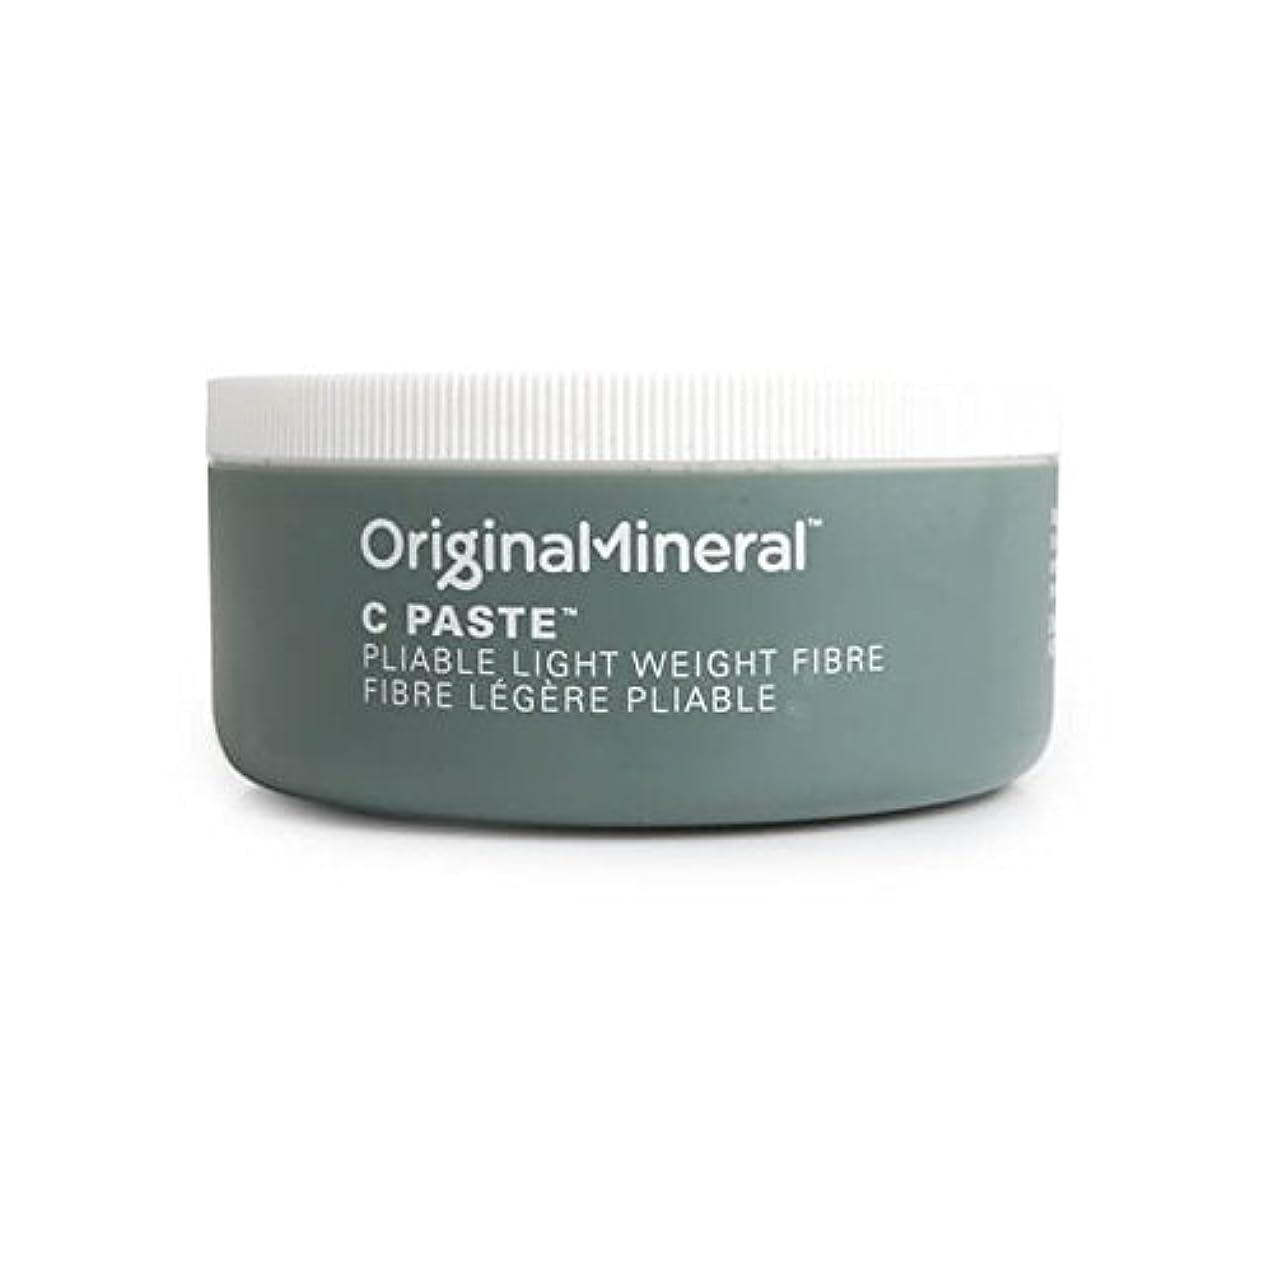 遺産控えめな不潔オリジナル&ミネラルの-ペーストヘアワックス(100グラム) x2 - Original & Mineral C-Paste Hair Wax (100G) (Pack of 2) [並行輸入品]